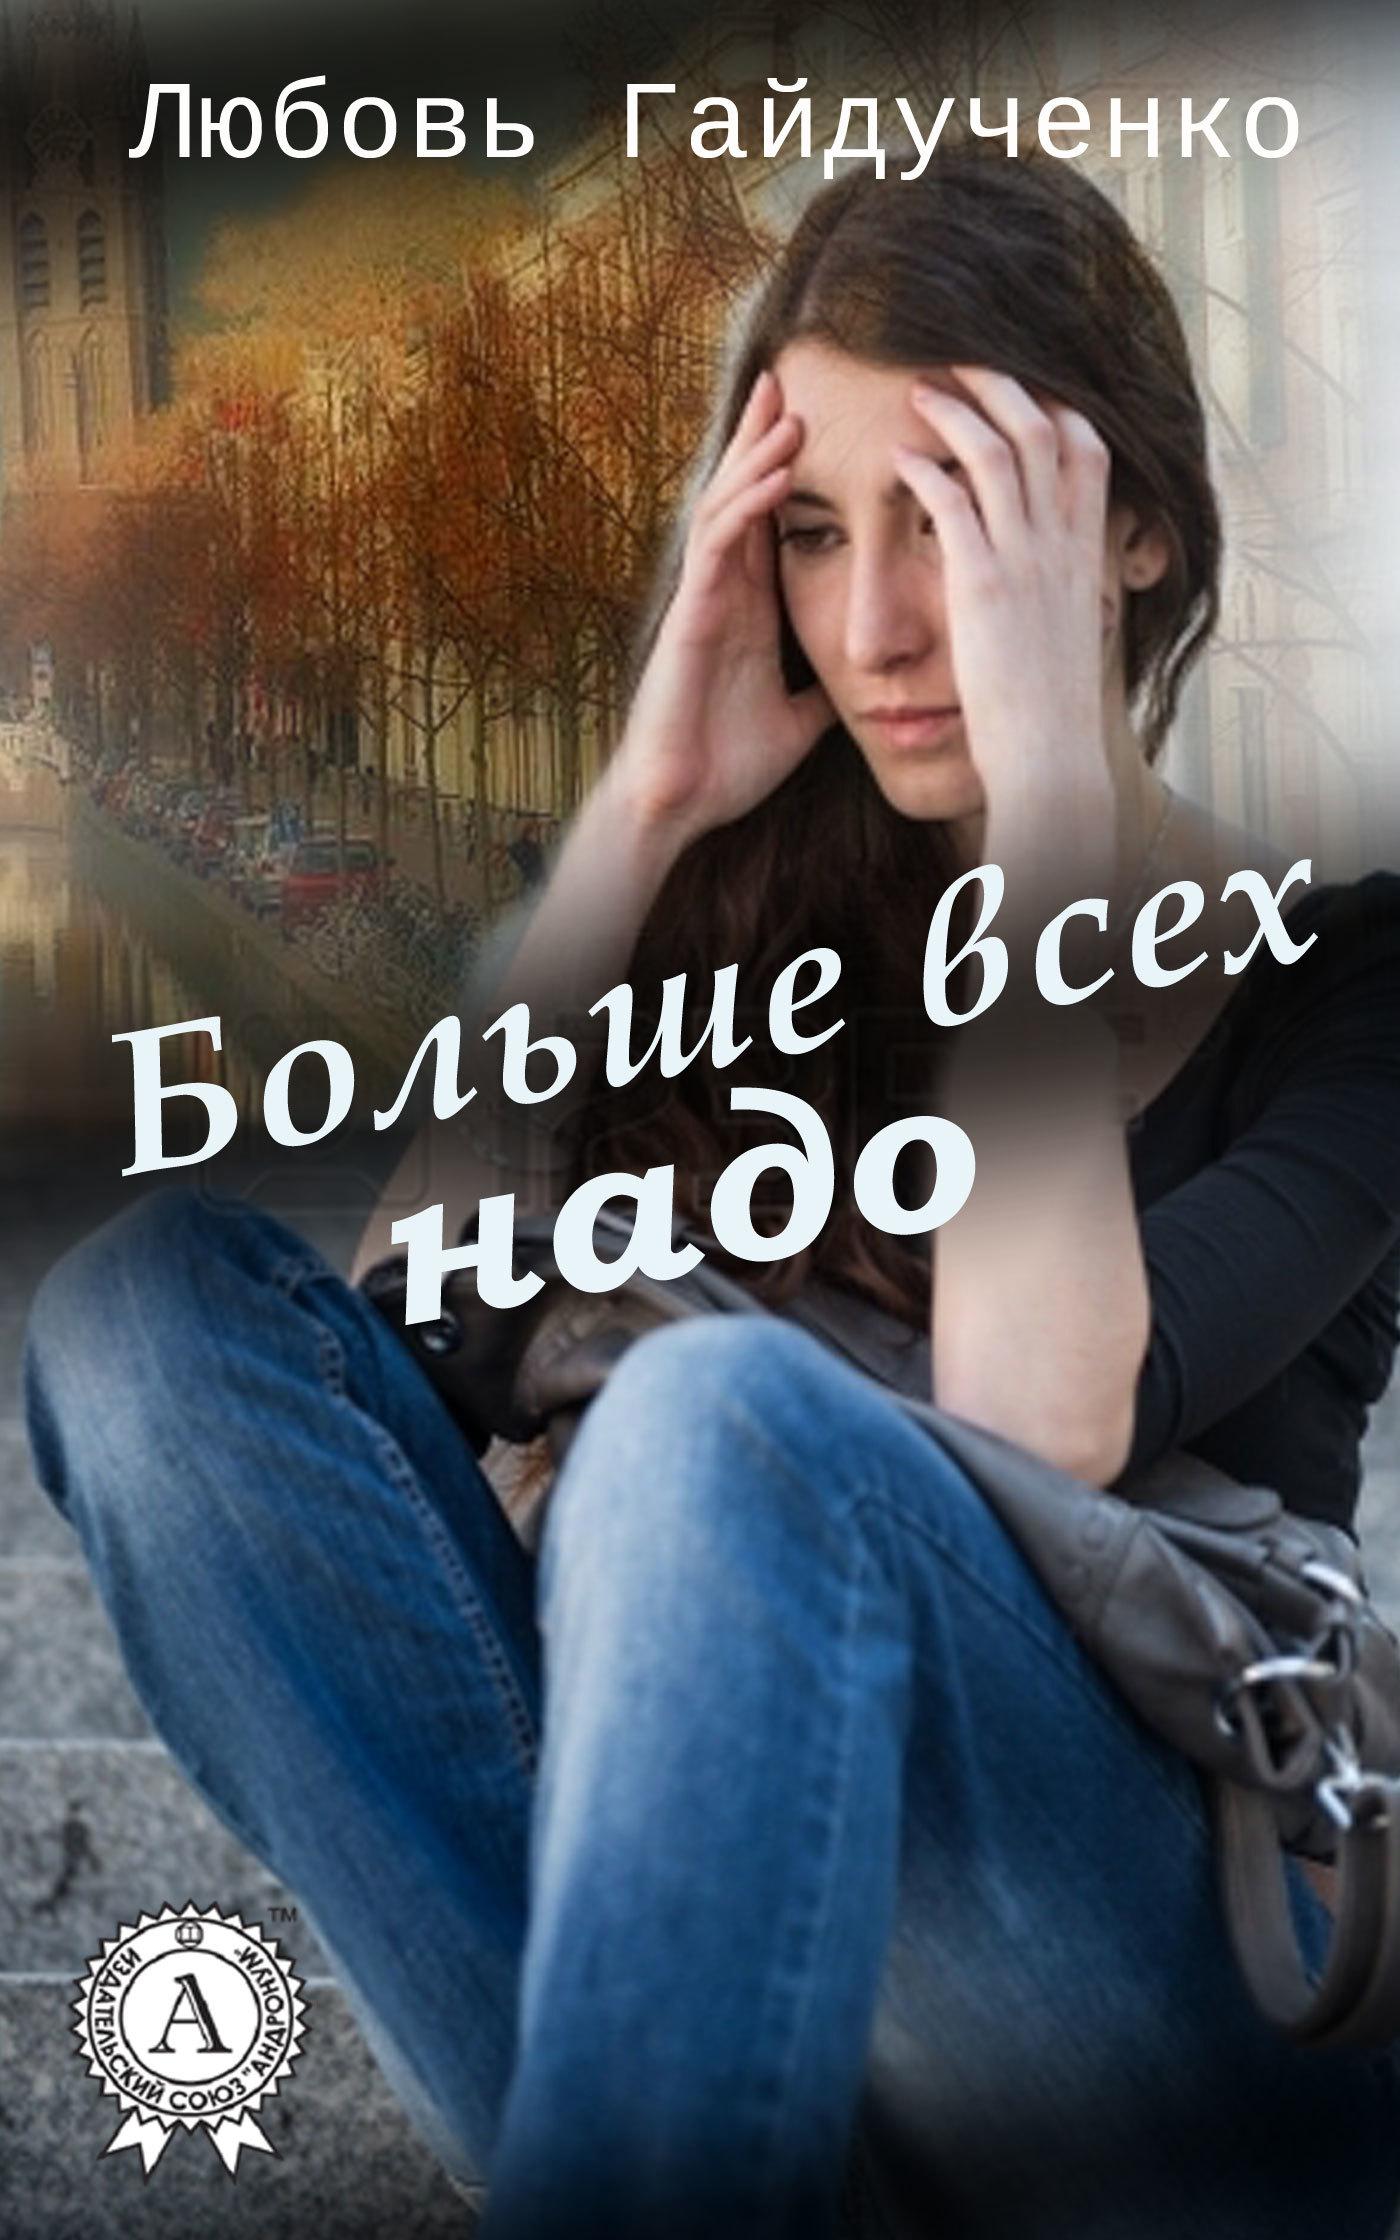 Любовь Гайдученко Больше всех надо любовь гайдученко больше всех надо